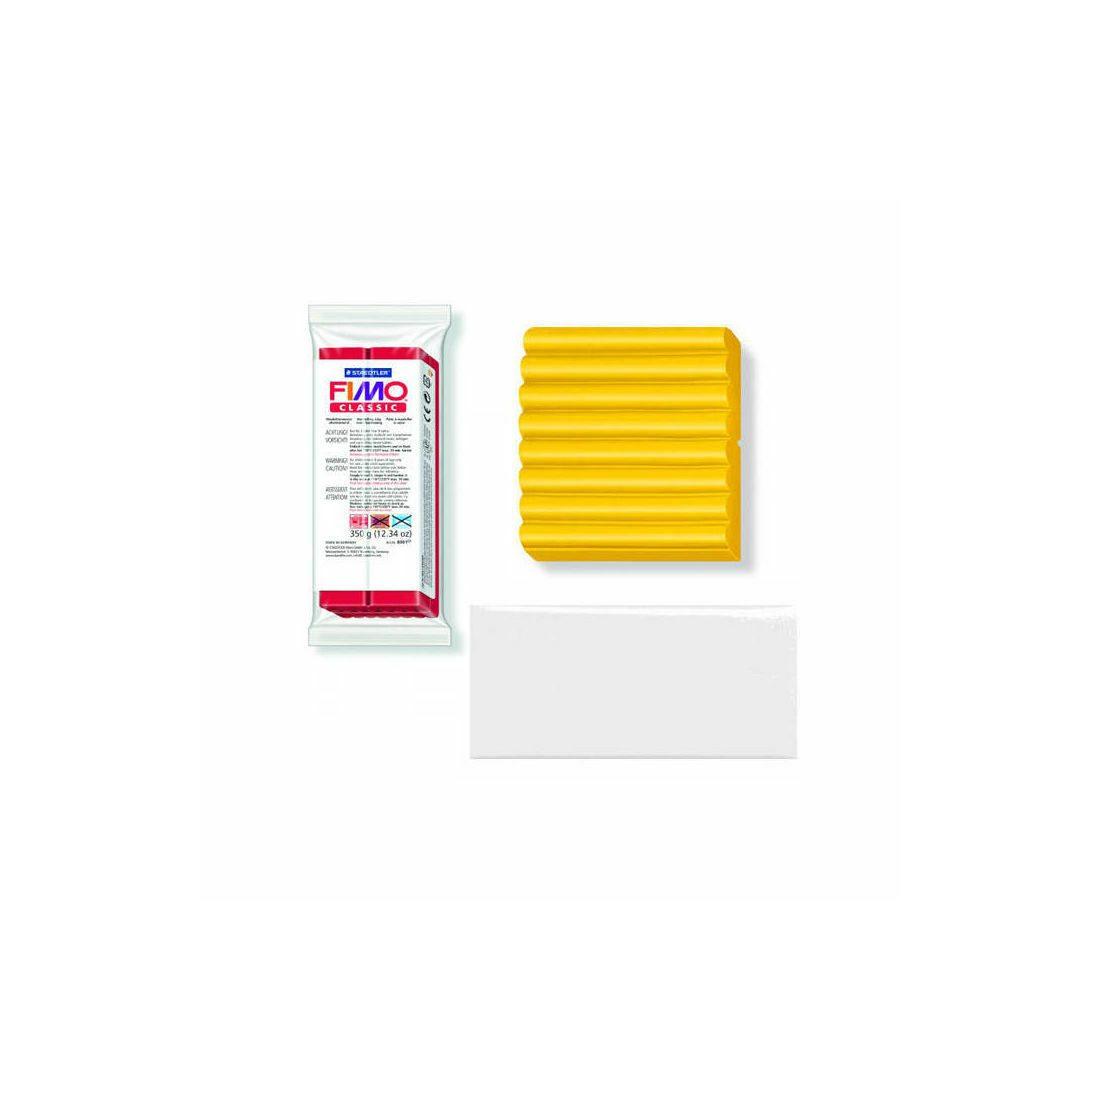 Détails sur  (3,31 € / 100 G) Fimo Soft Basisfarben, Grand Bloc 350g, Blanc